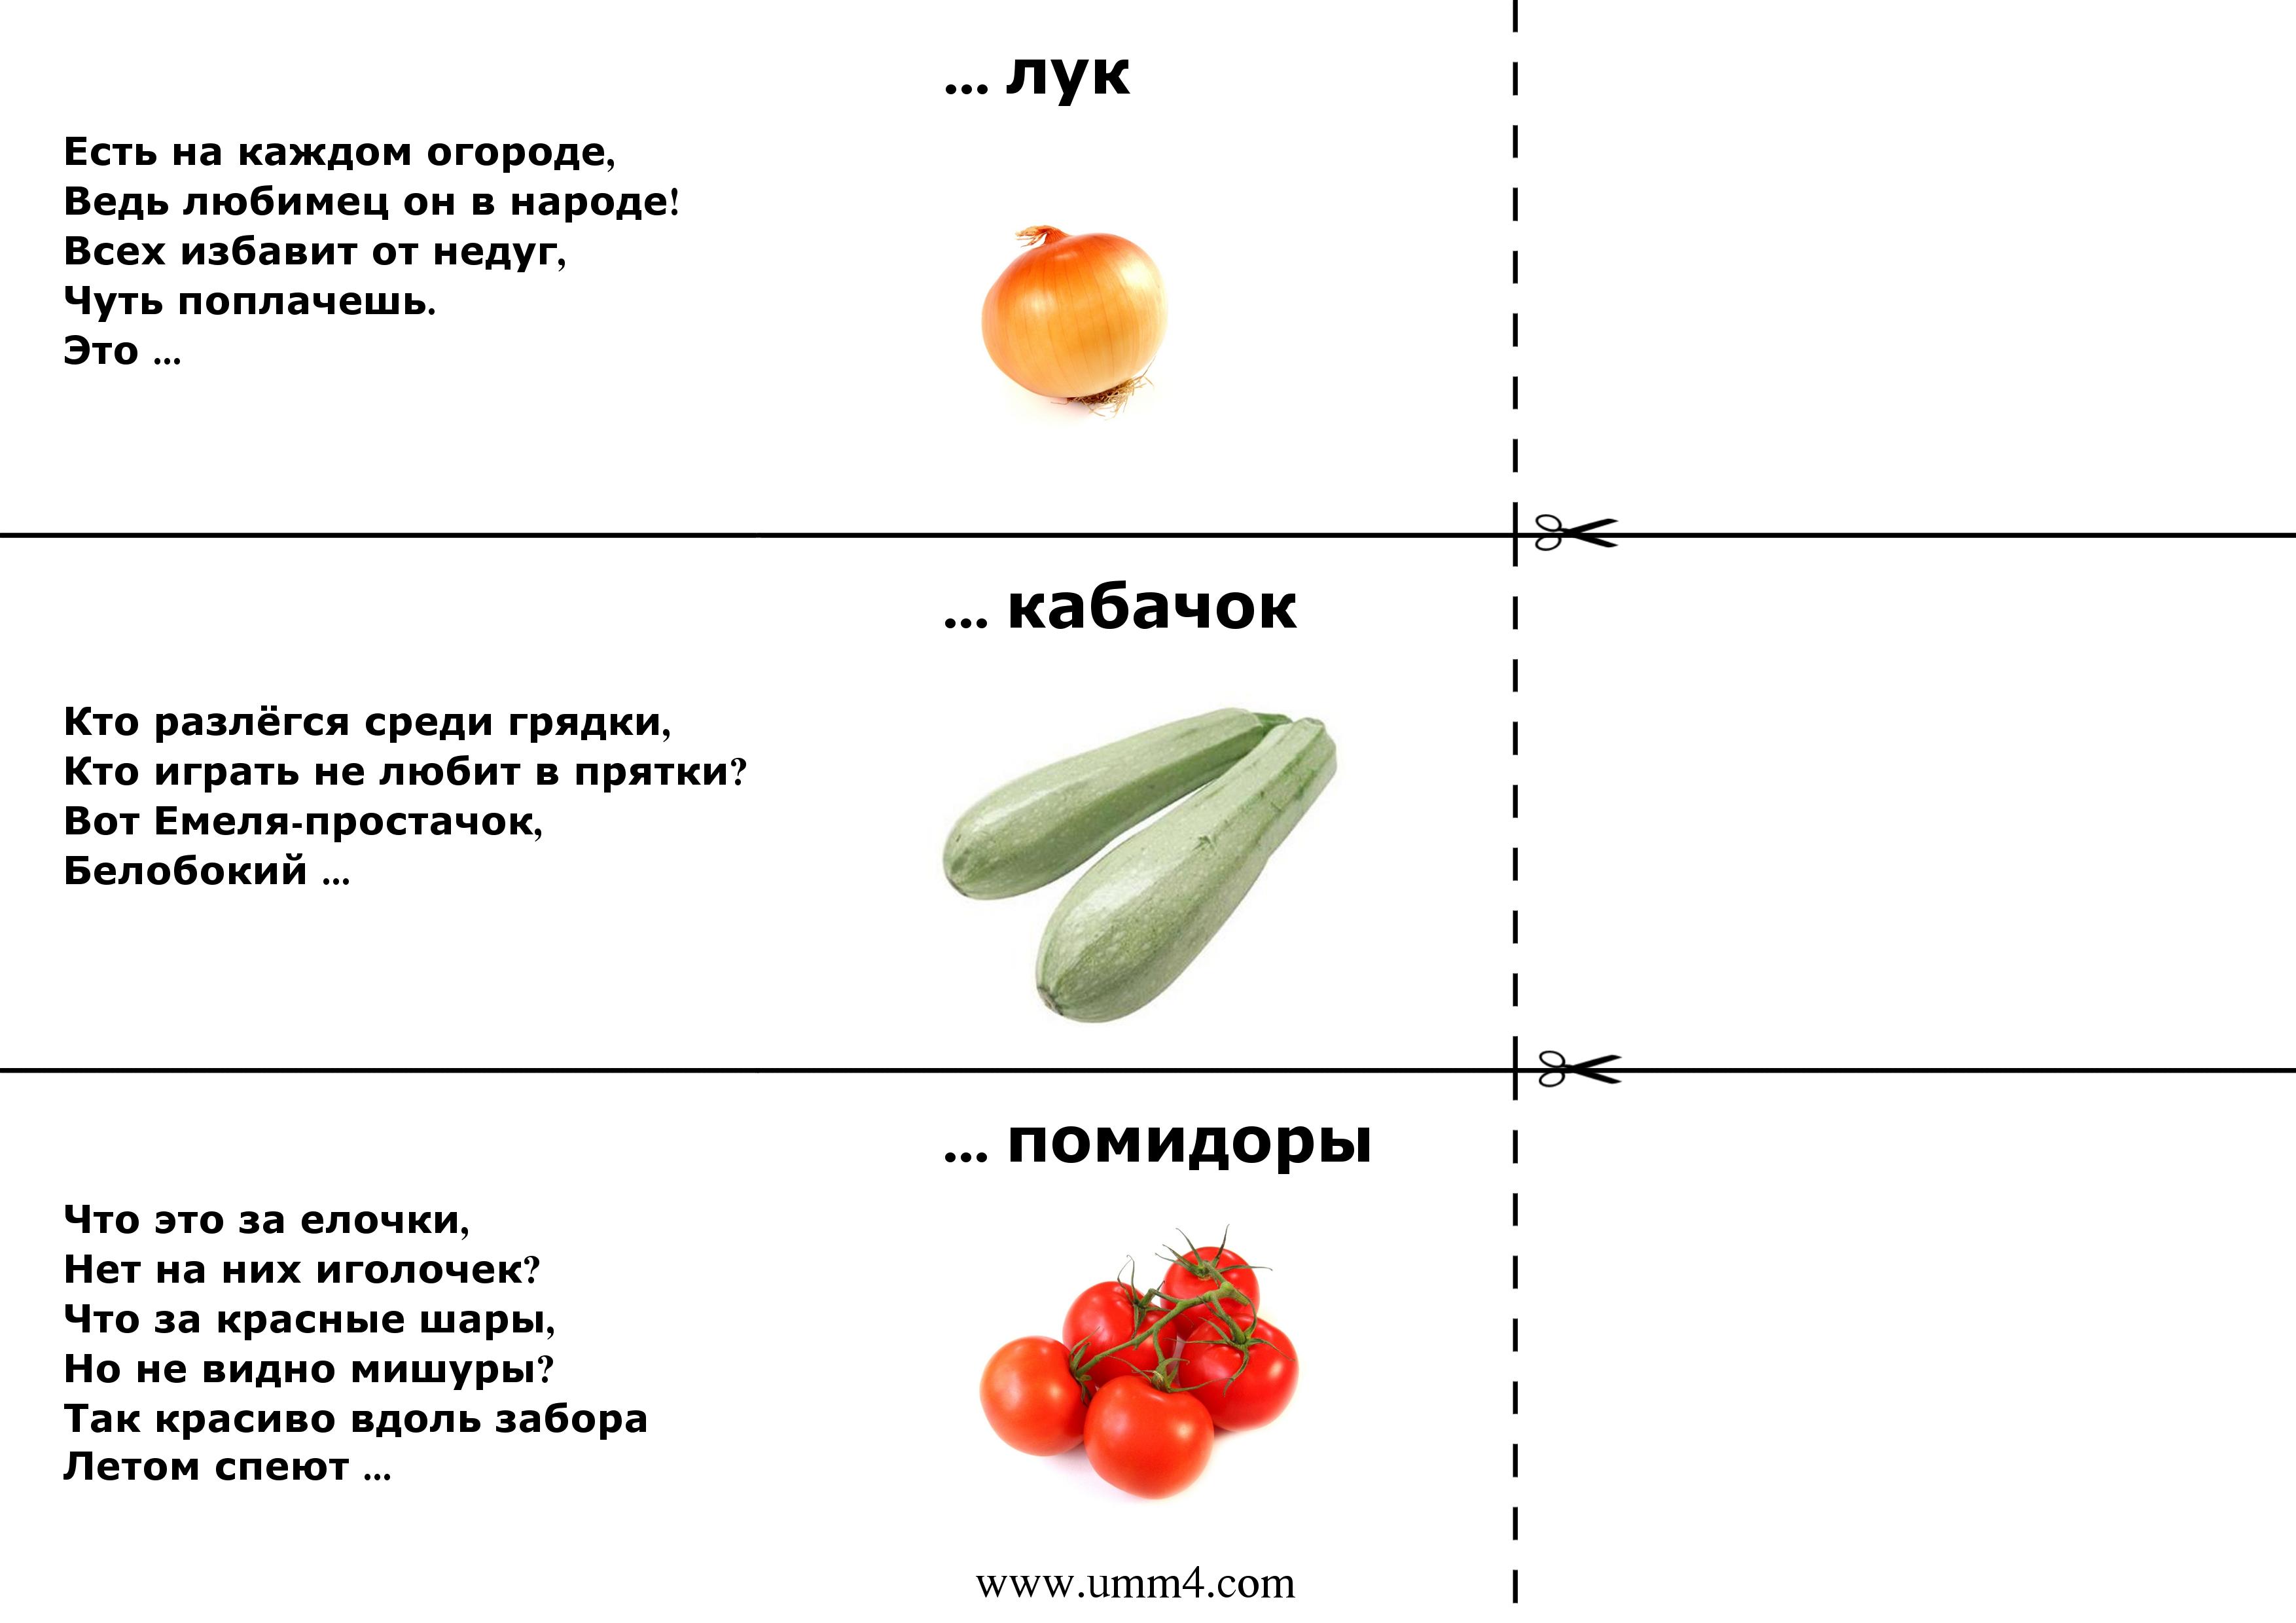 помаду, ориентируйтесь загадка с фруктами на картинке представлена широким ассортиментом